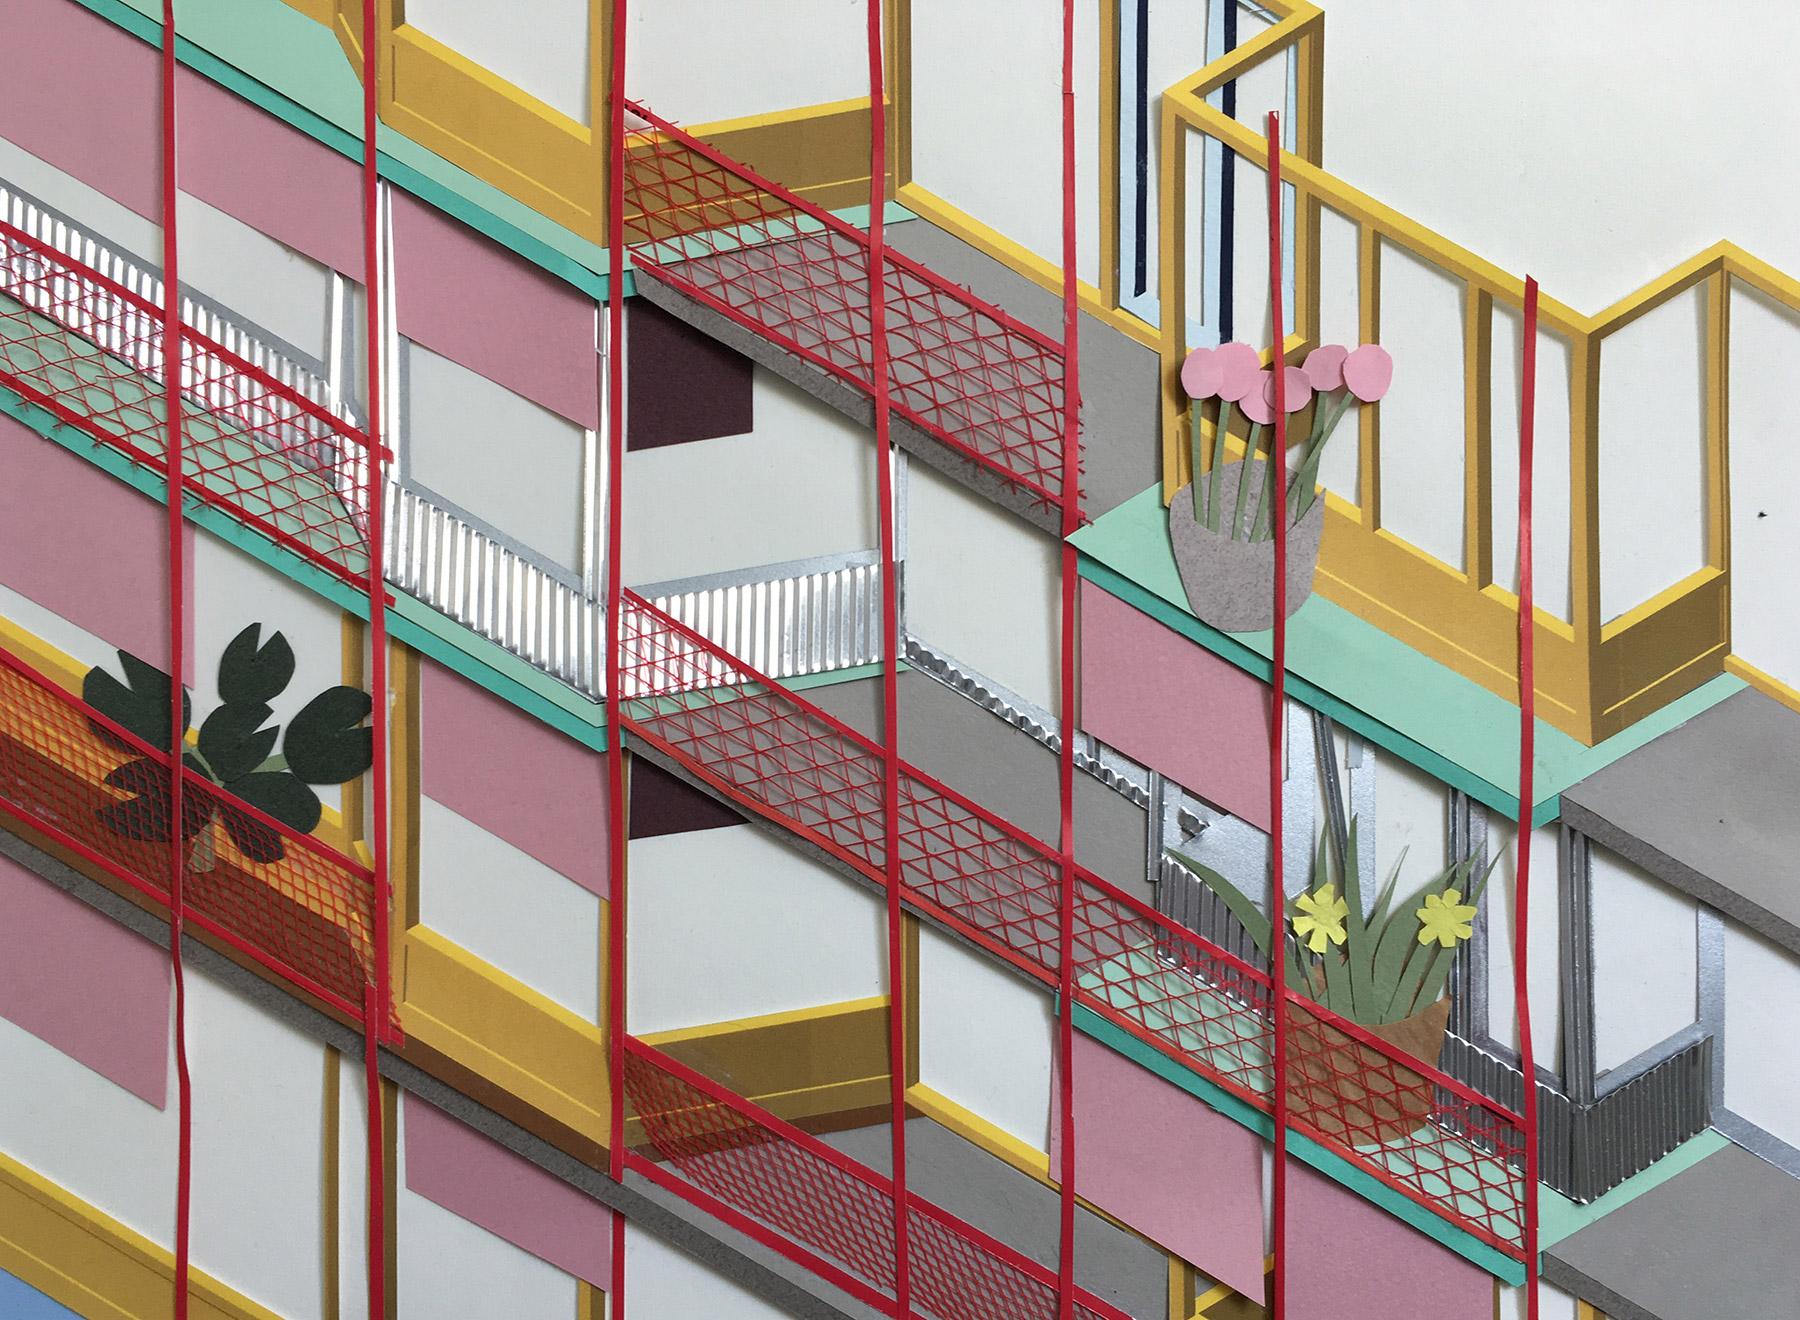 layered facade